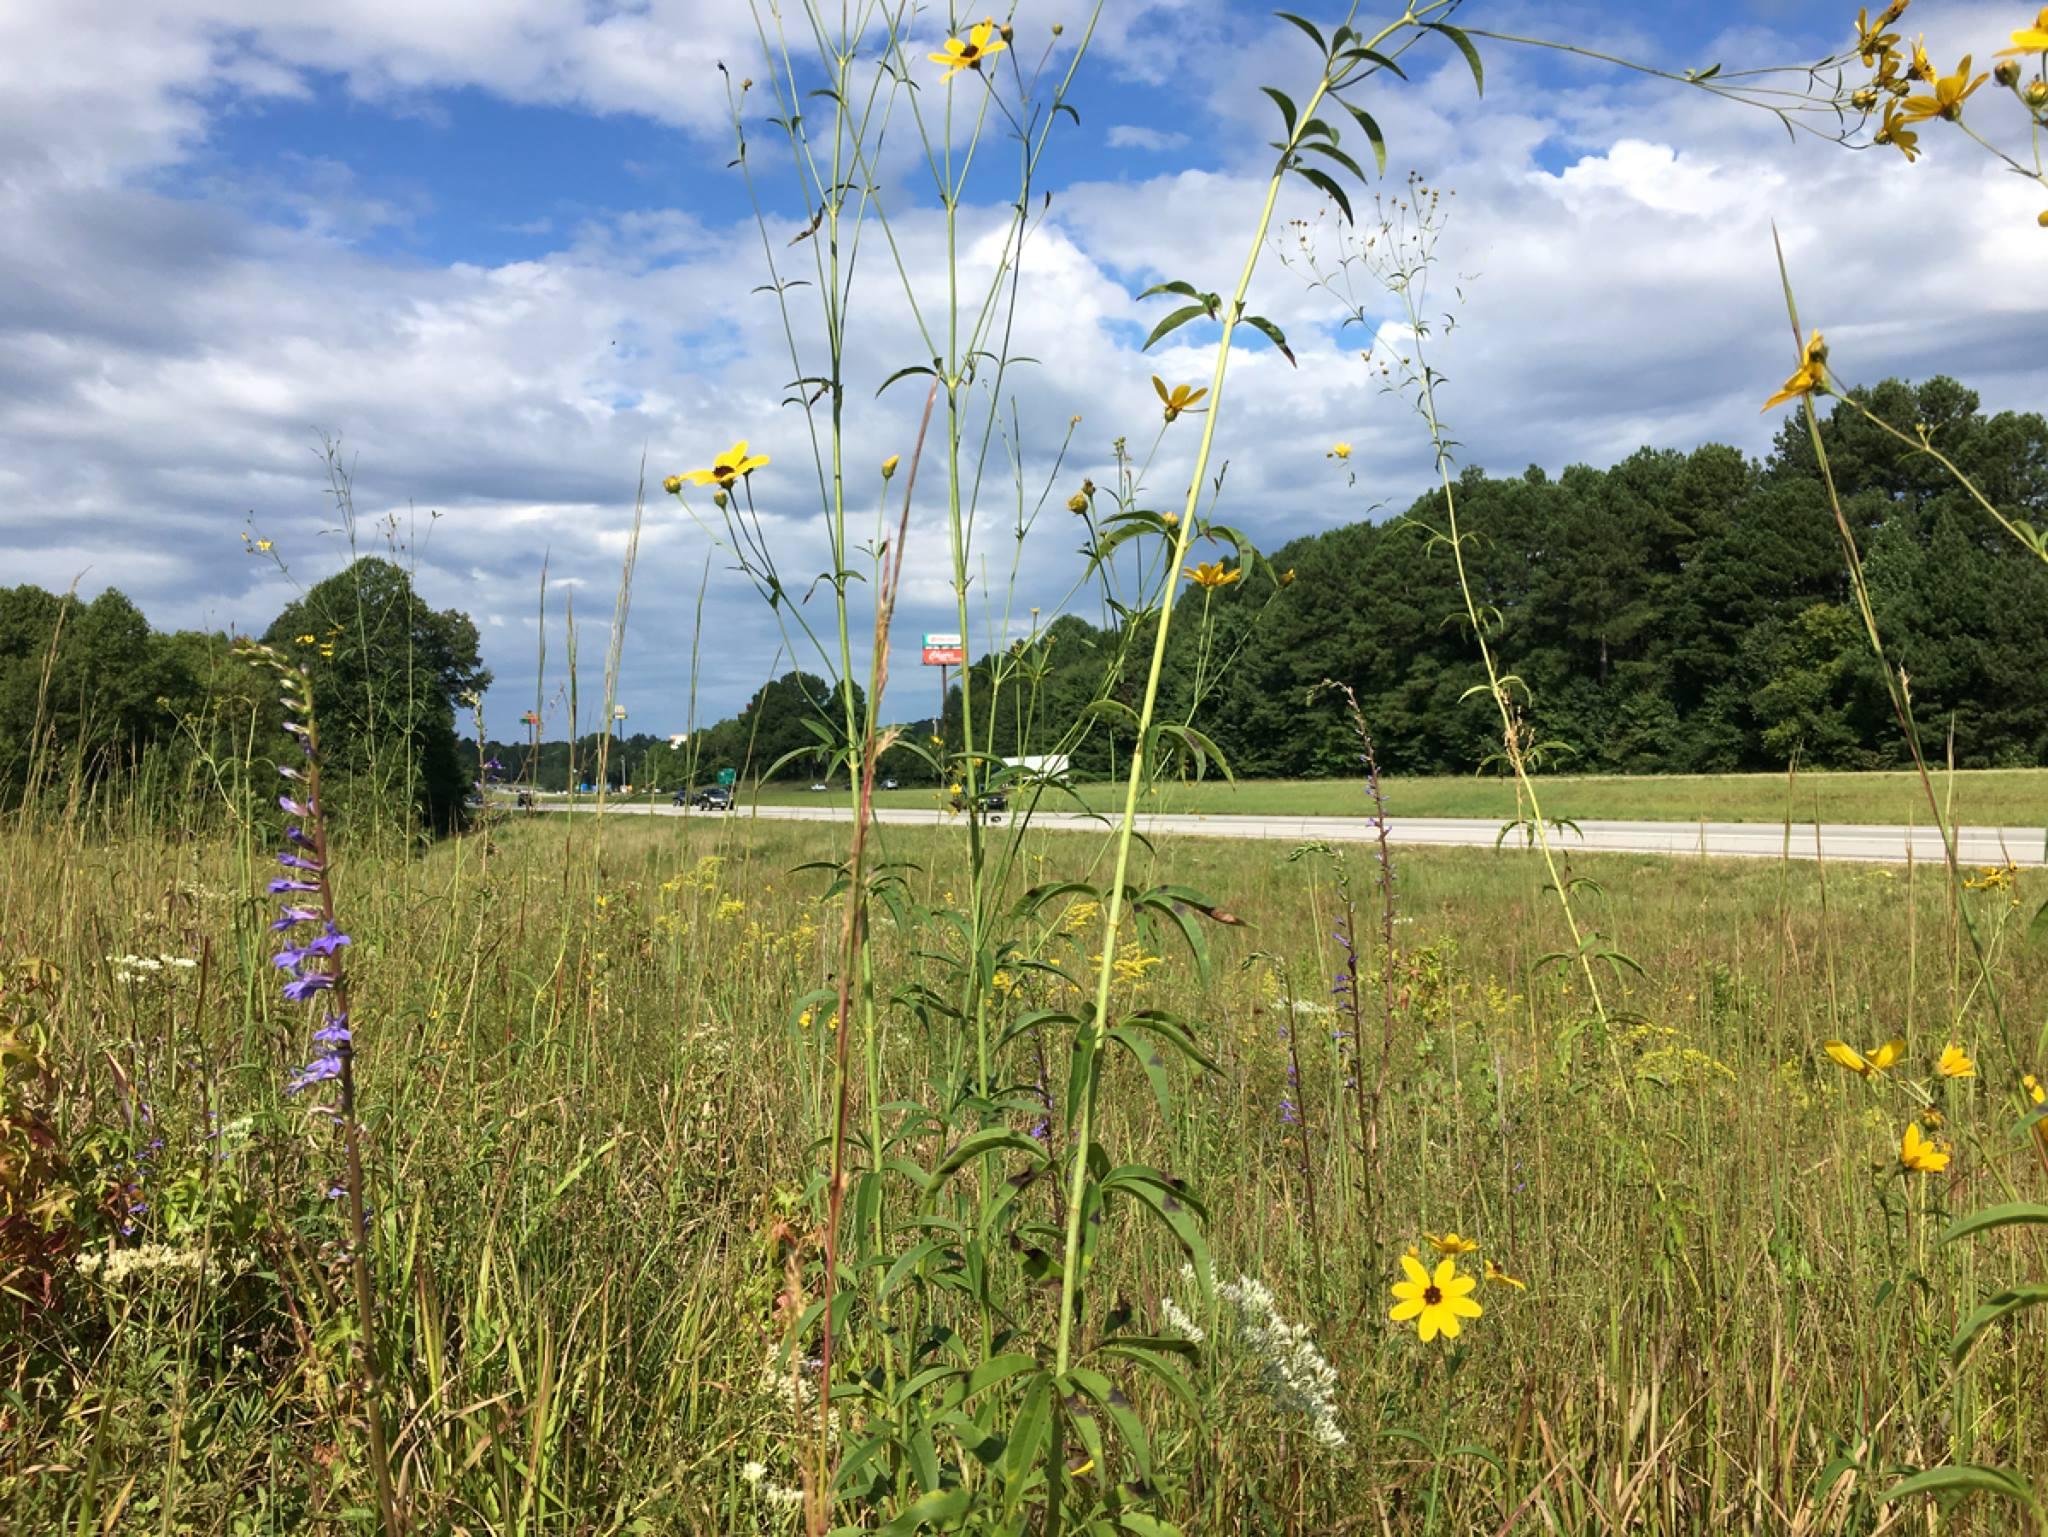 I40grassland.jpg